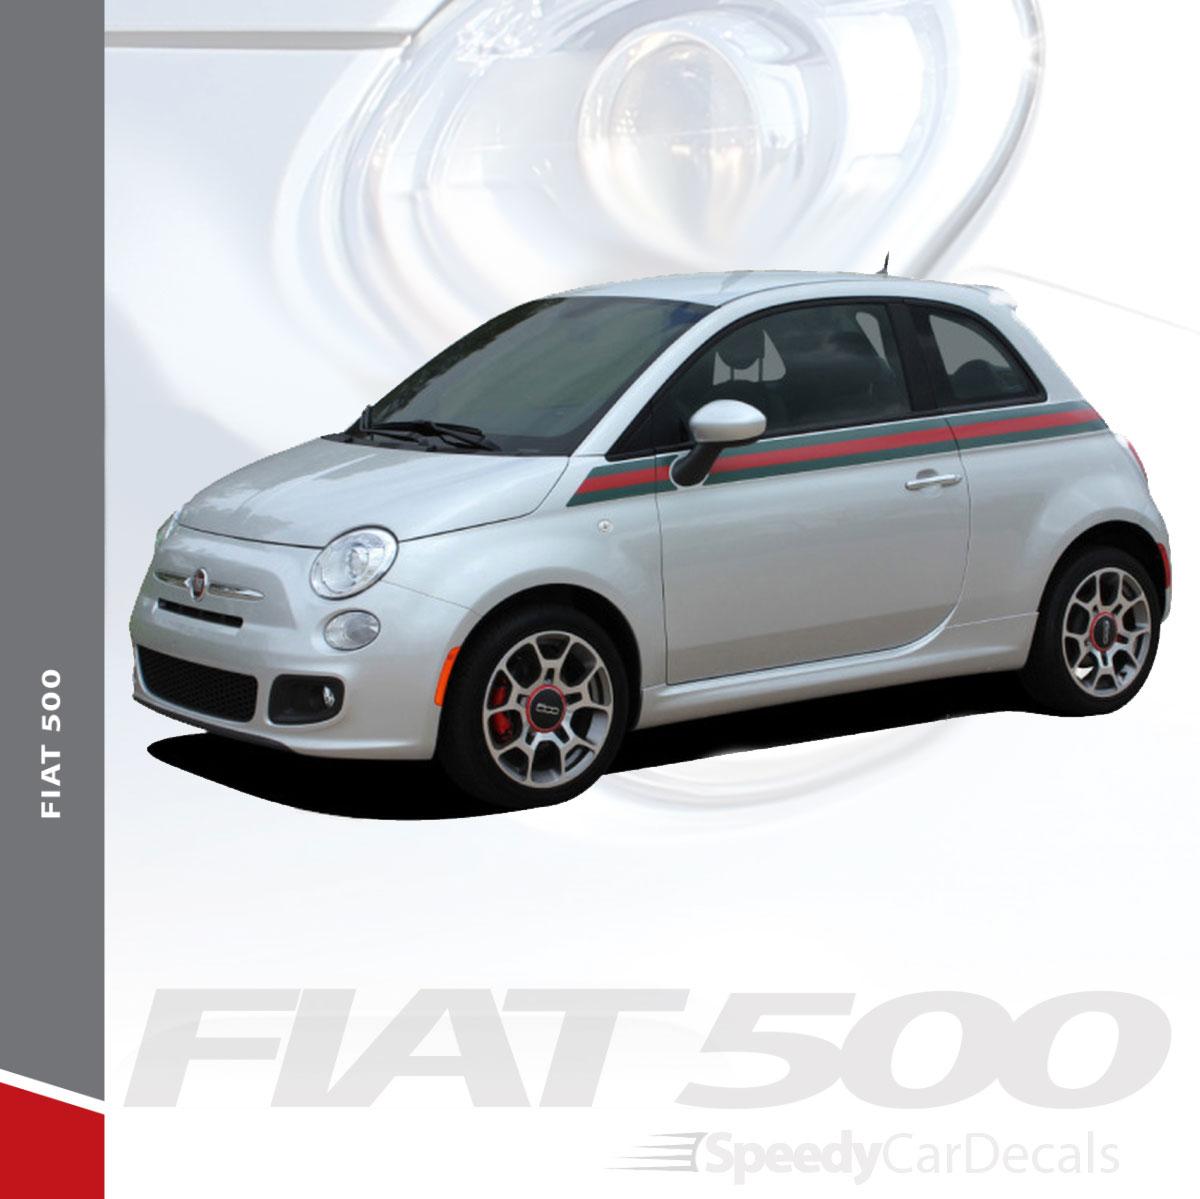 Fiat 500 Gucci Stripe Graphics 2012 2013 2014 2015 2016 2017 2018 Premium Install